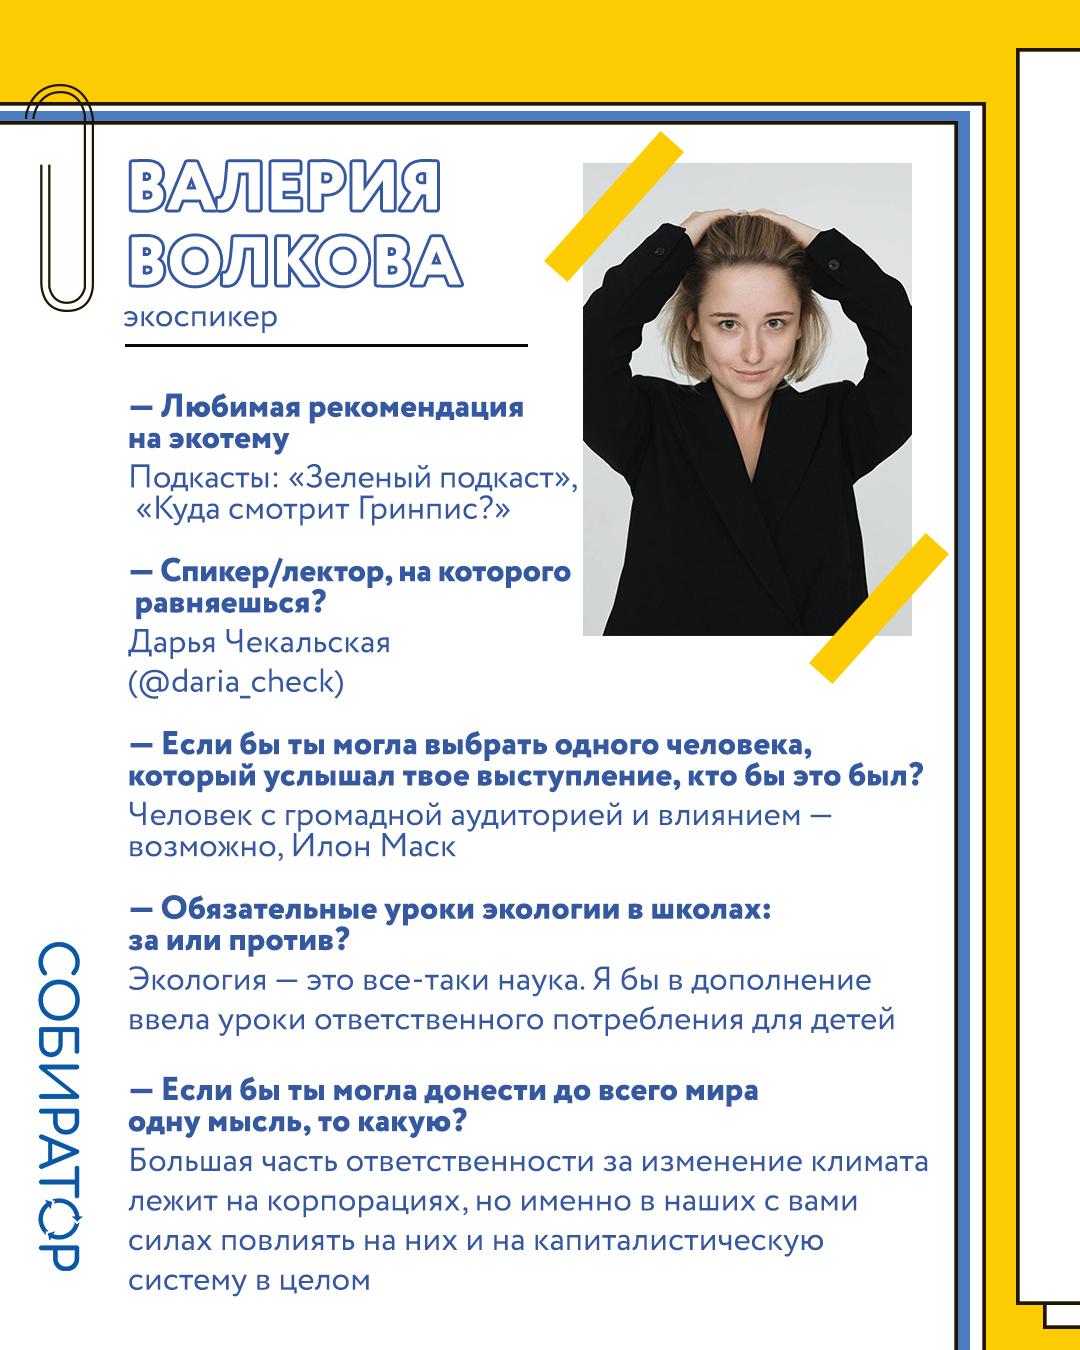 5.10_досье на экоспикеров_6